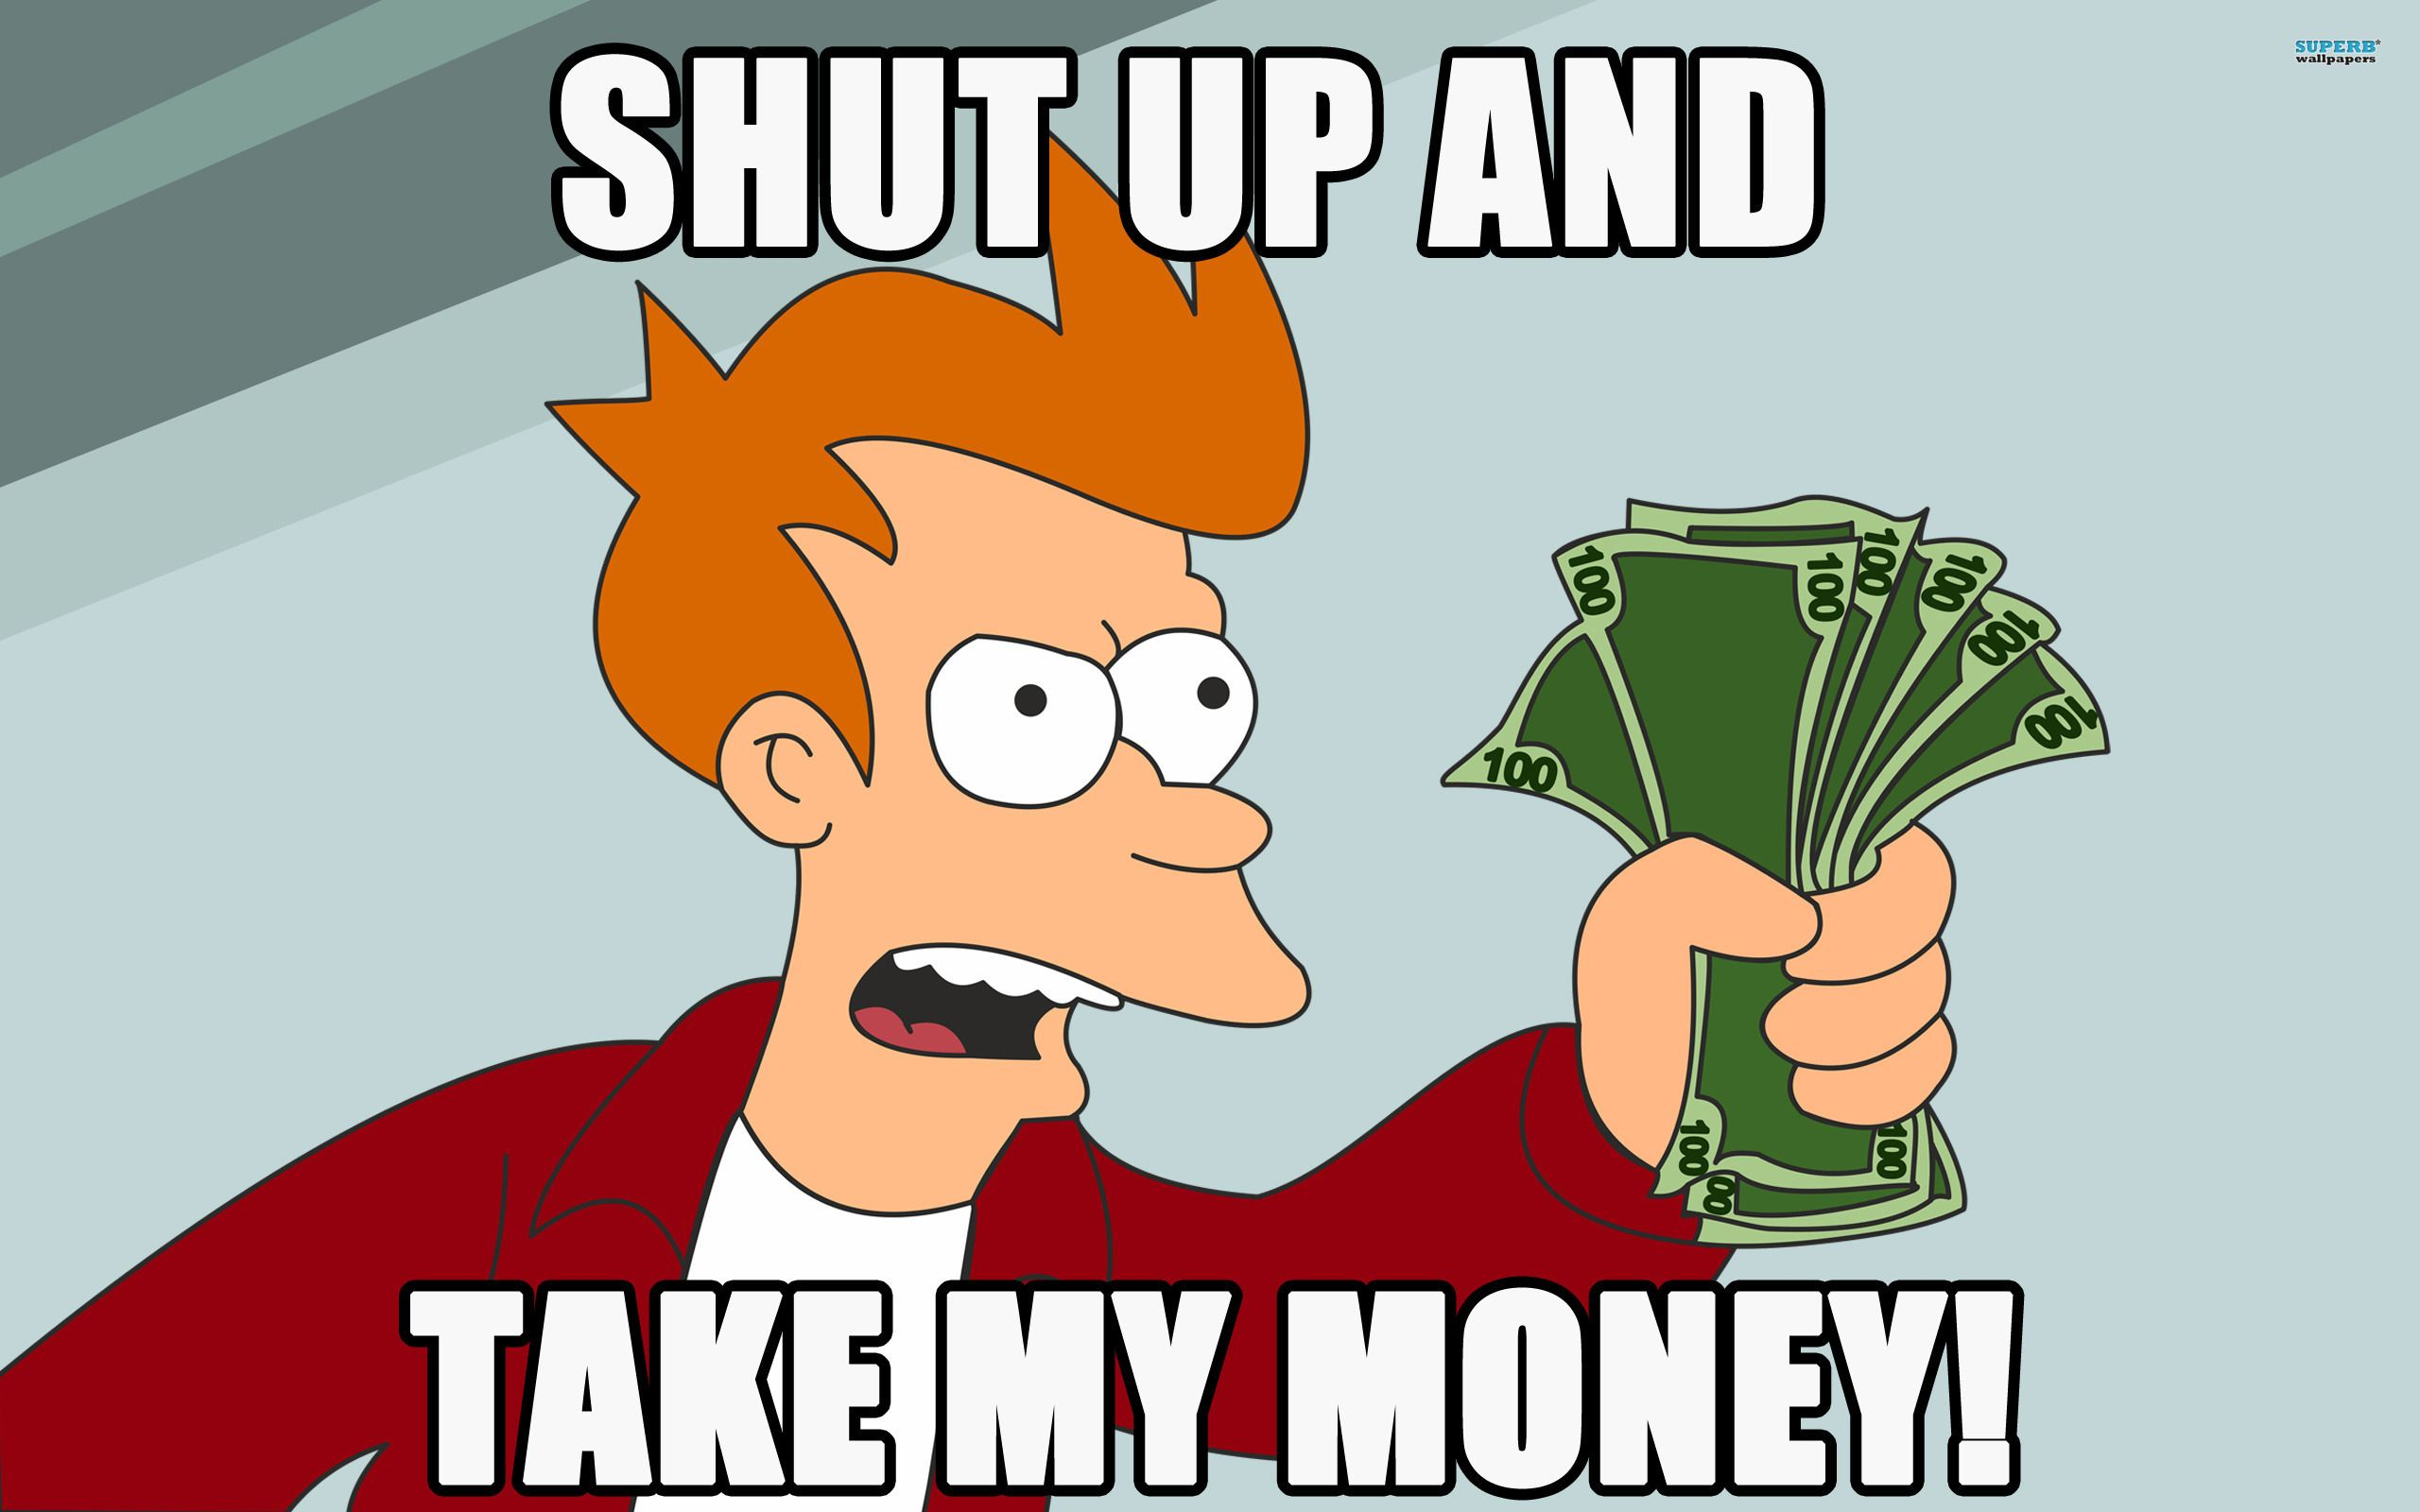 Un dado para pulsar botones compulsivamente recauda en Kickstarter más de cuatro millones de euros 06588567f5bf0b57bcd5389328d7d35c